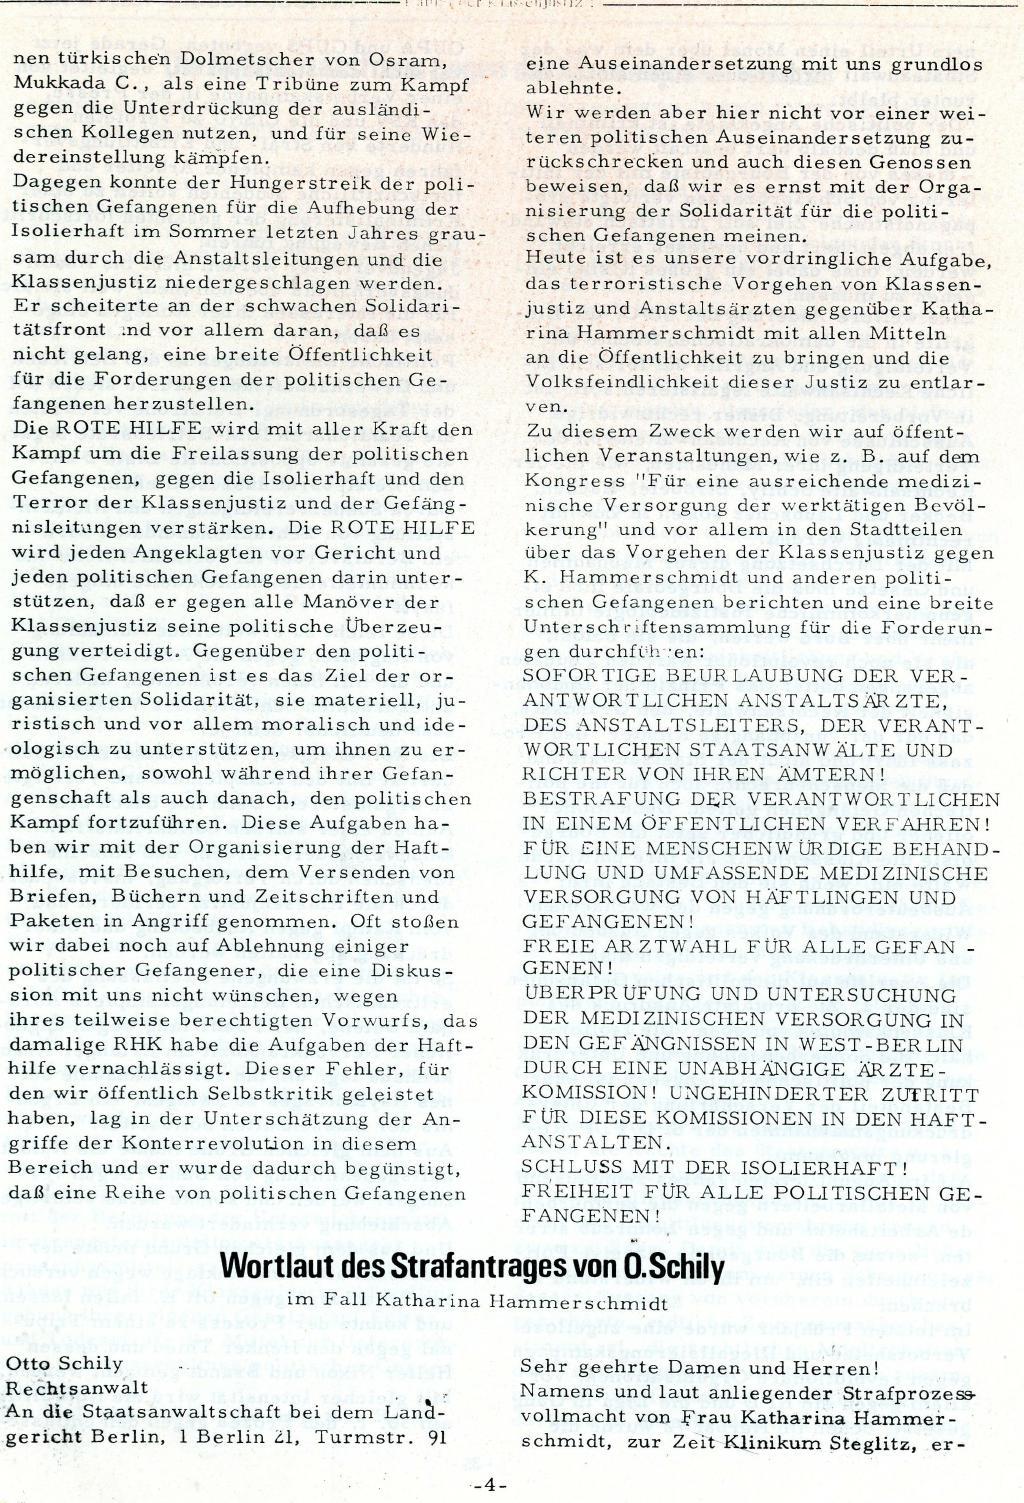 RPK_1974_04_04